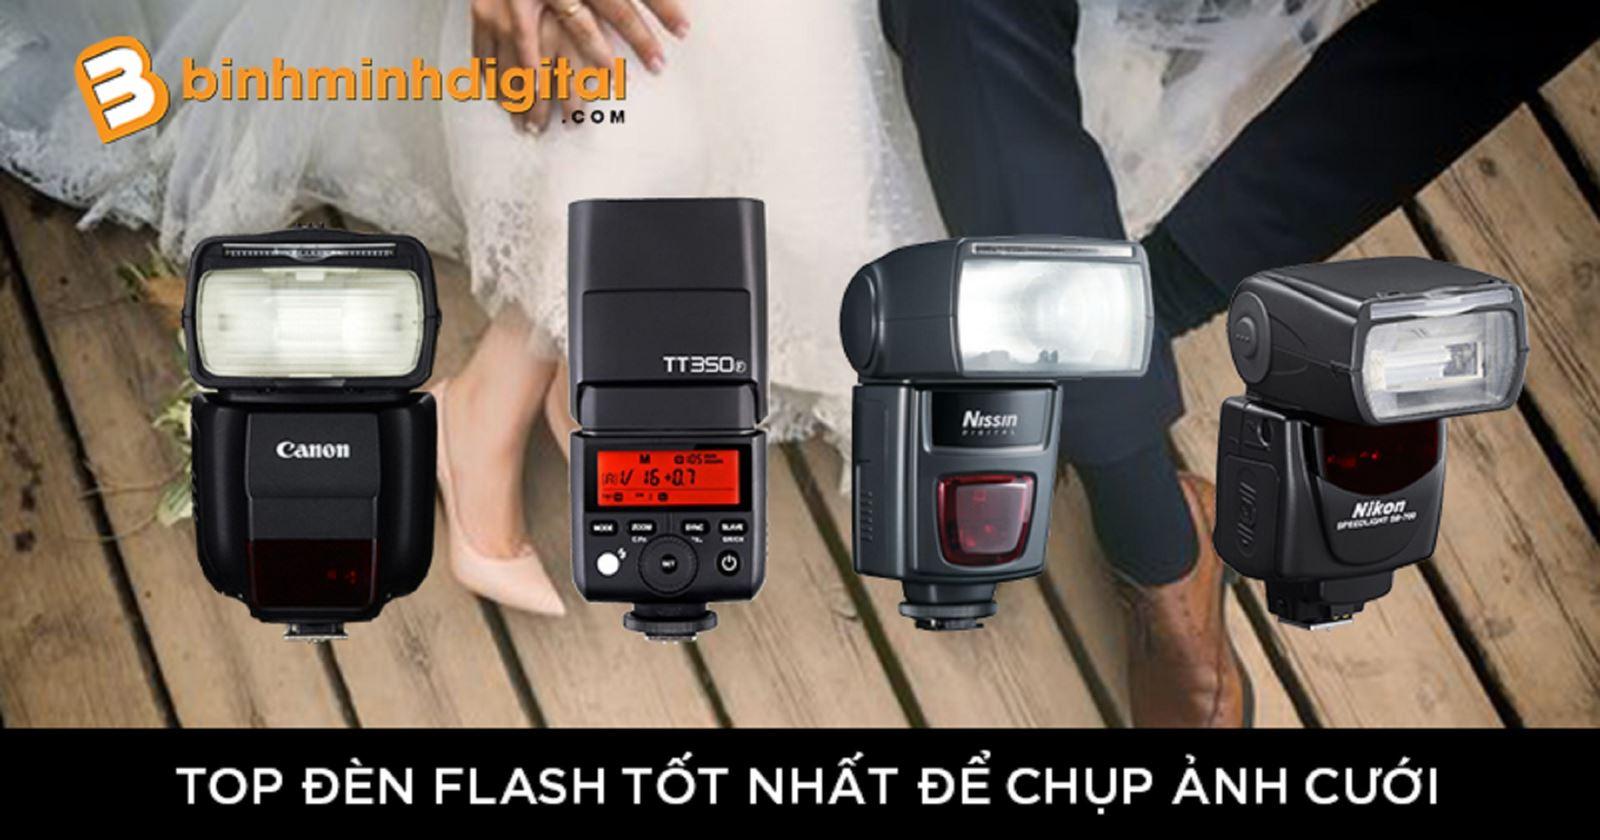 Top đèn Flash tốt nhất để chụp ảnh cưới